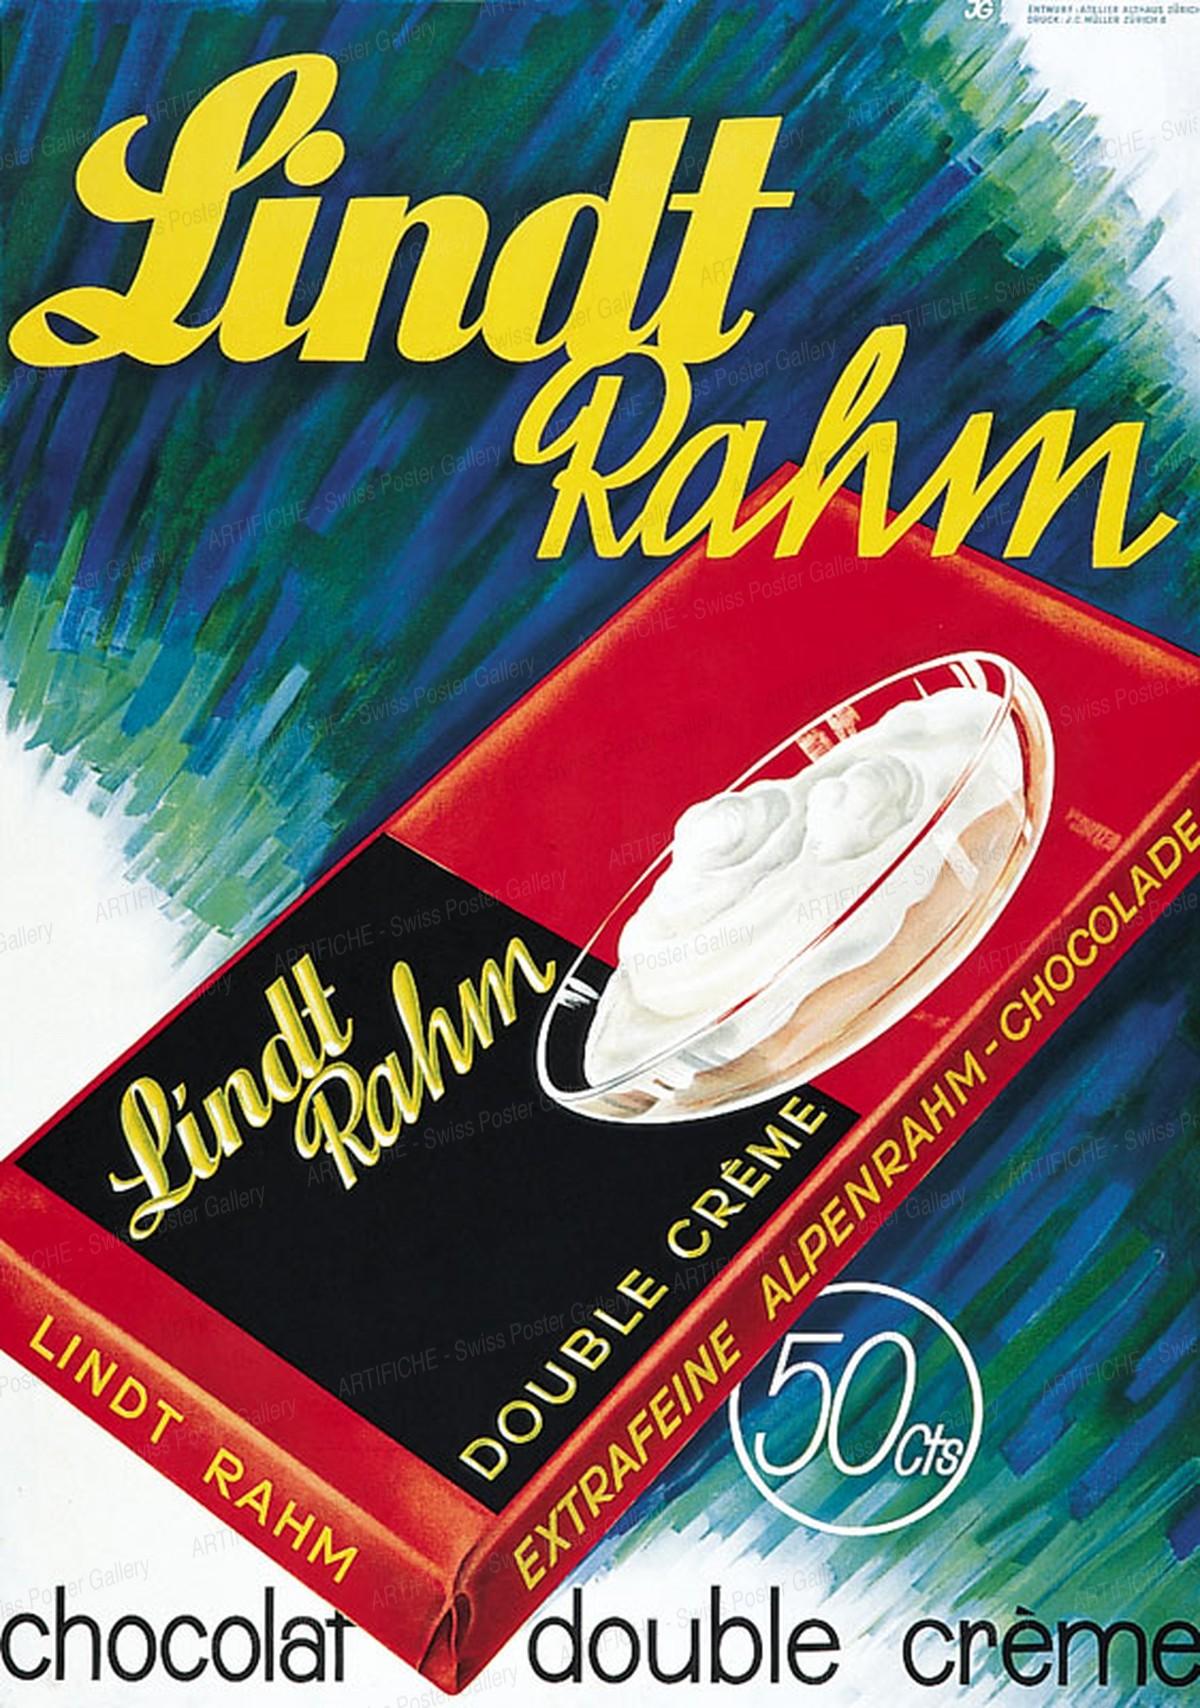 Lindt Rahm Schokolade, Althaus, Paul O., Atelier